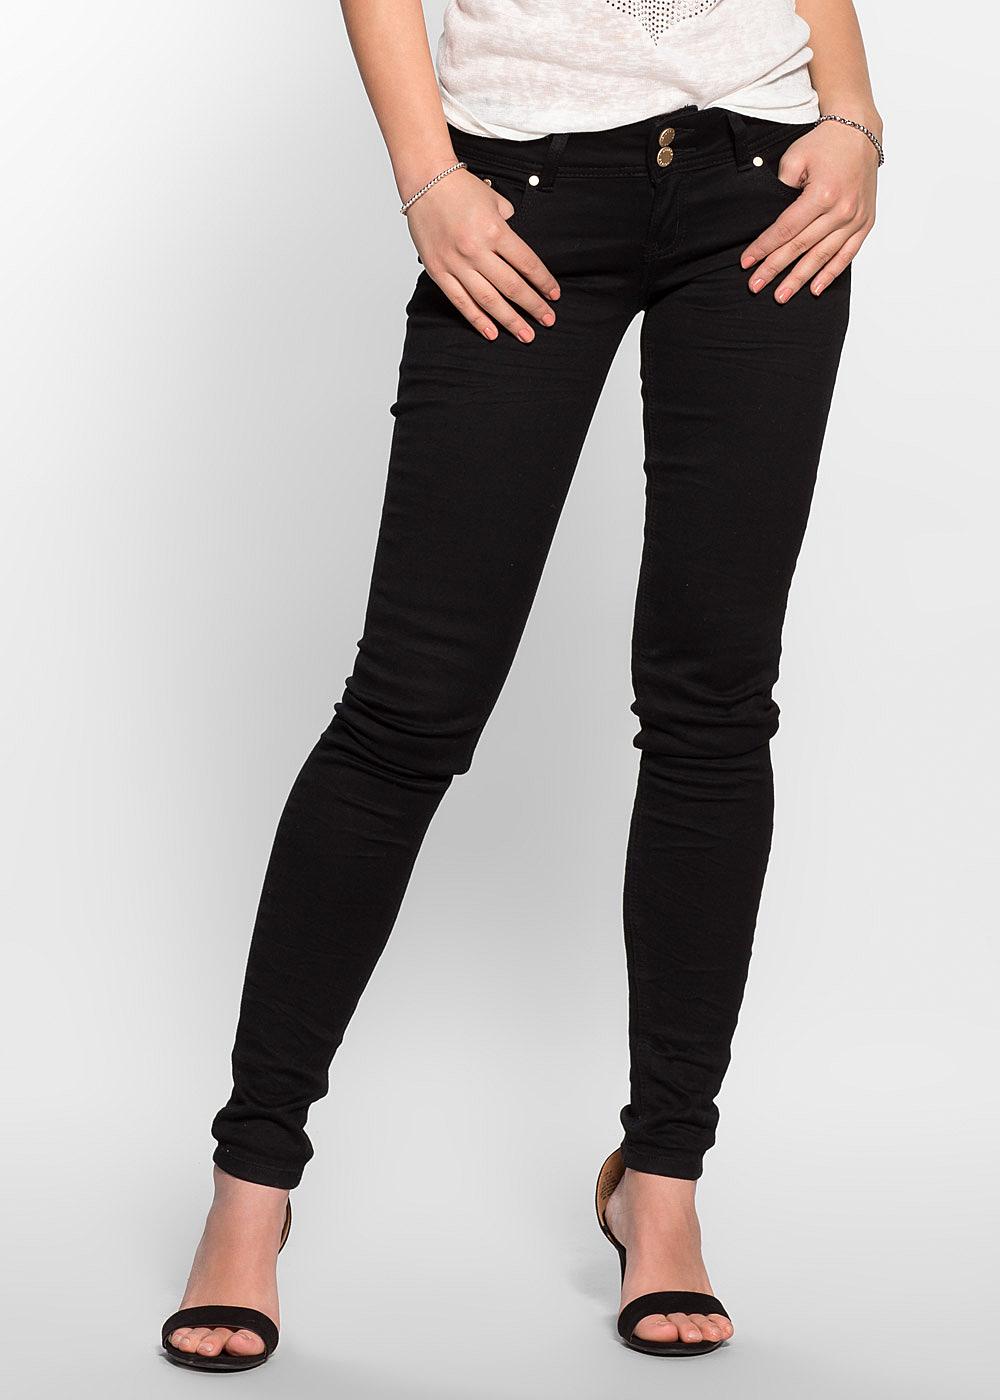 hailys damen skinny jeans low waist 5 pocket style 2. Black Bedroom Furniture Sets. Home Design Ideas